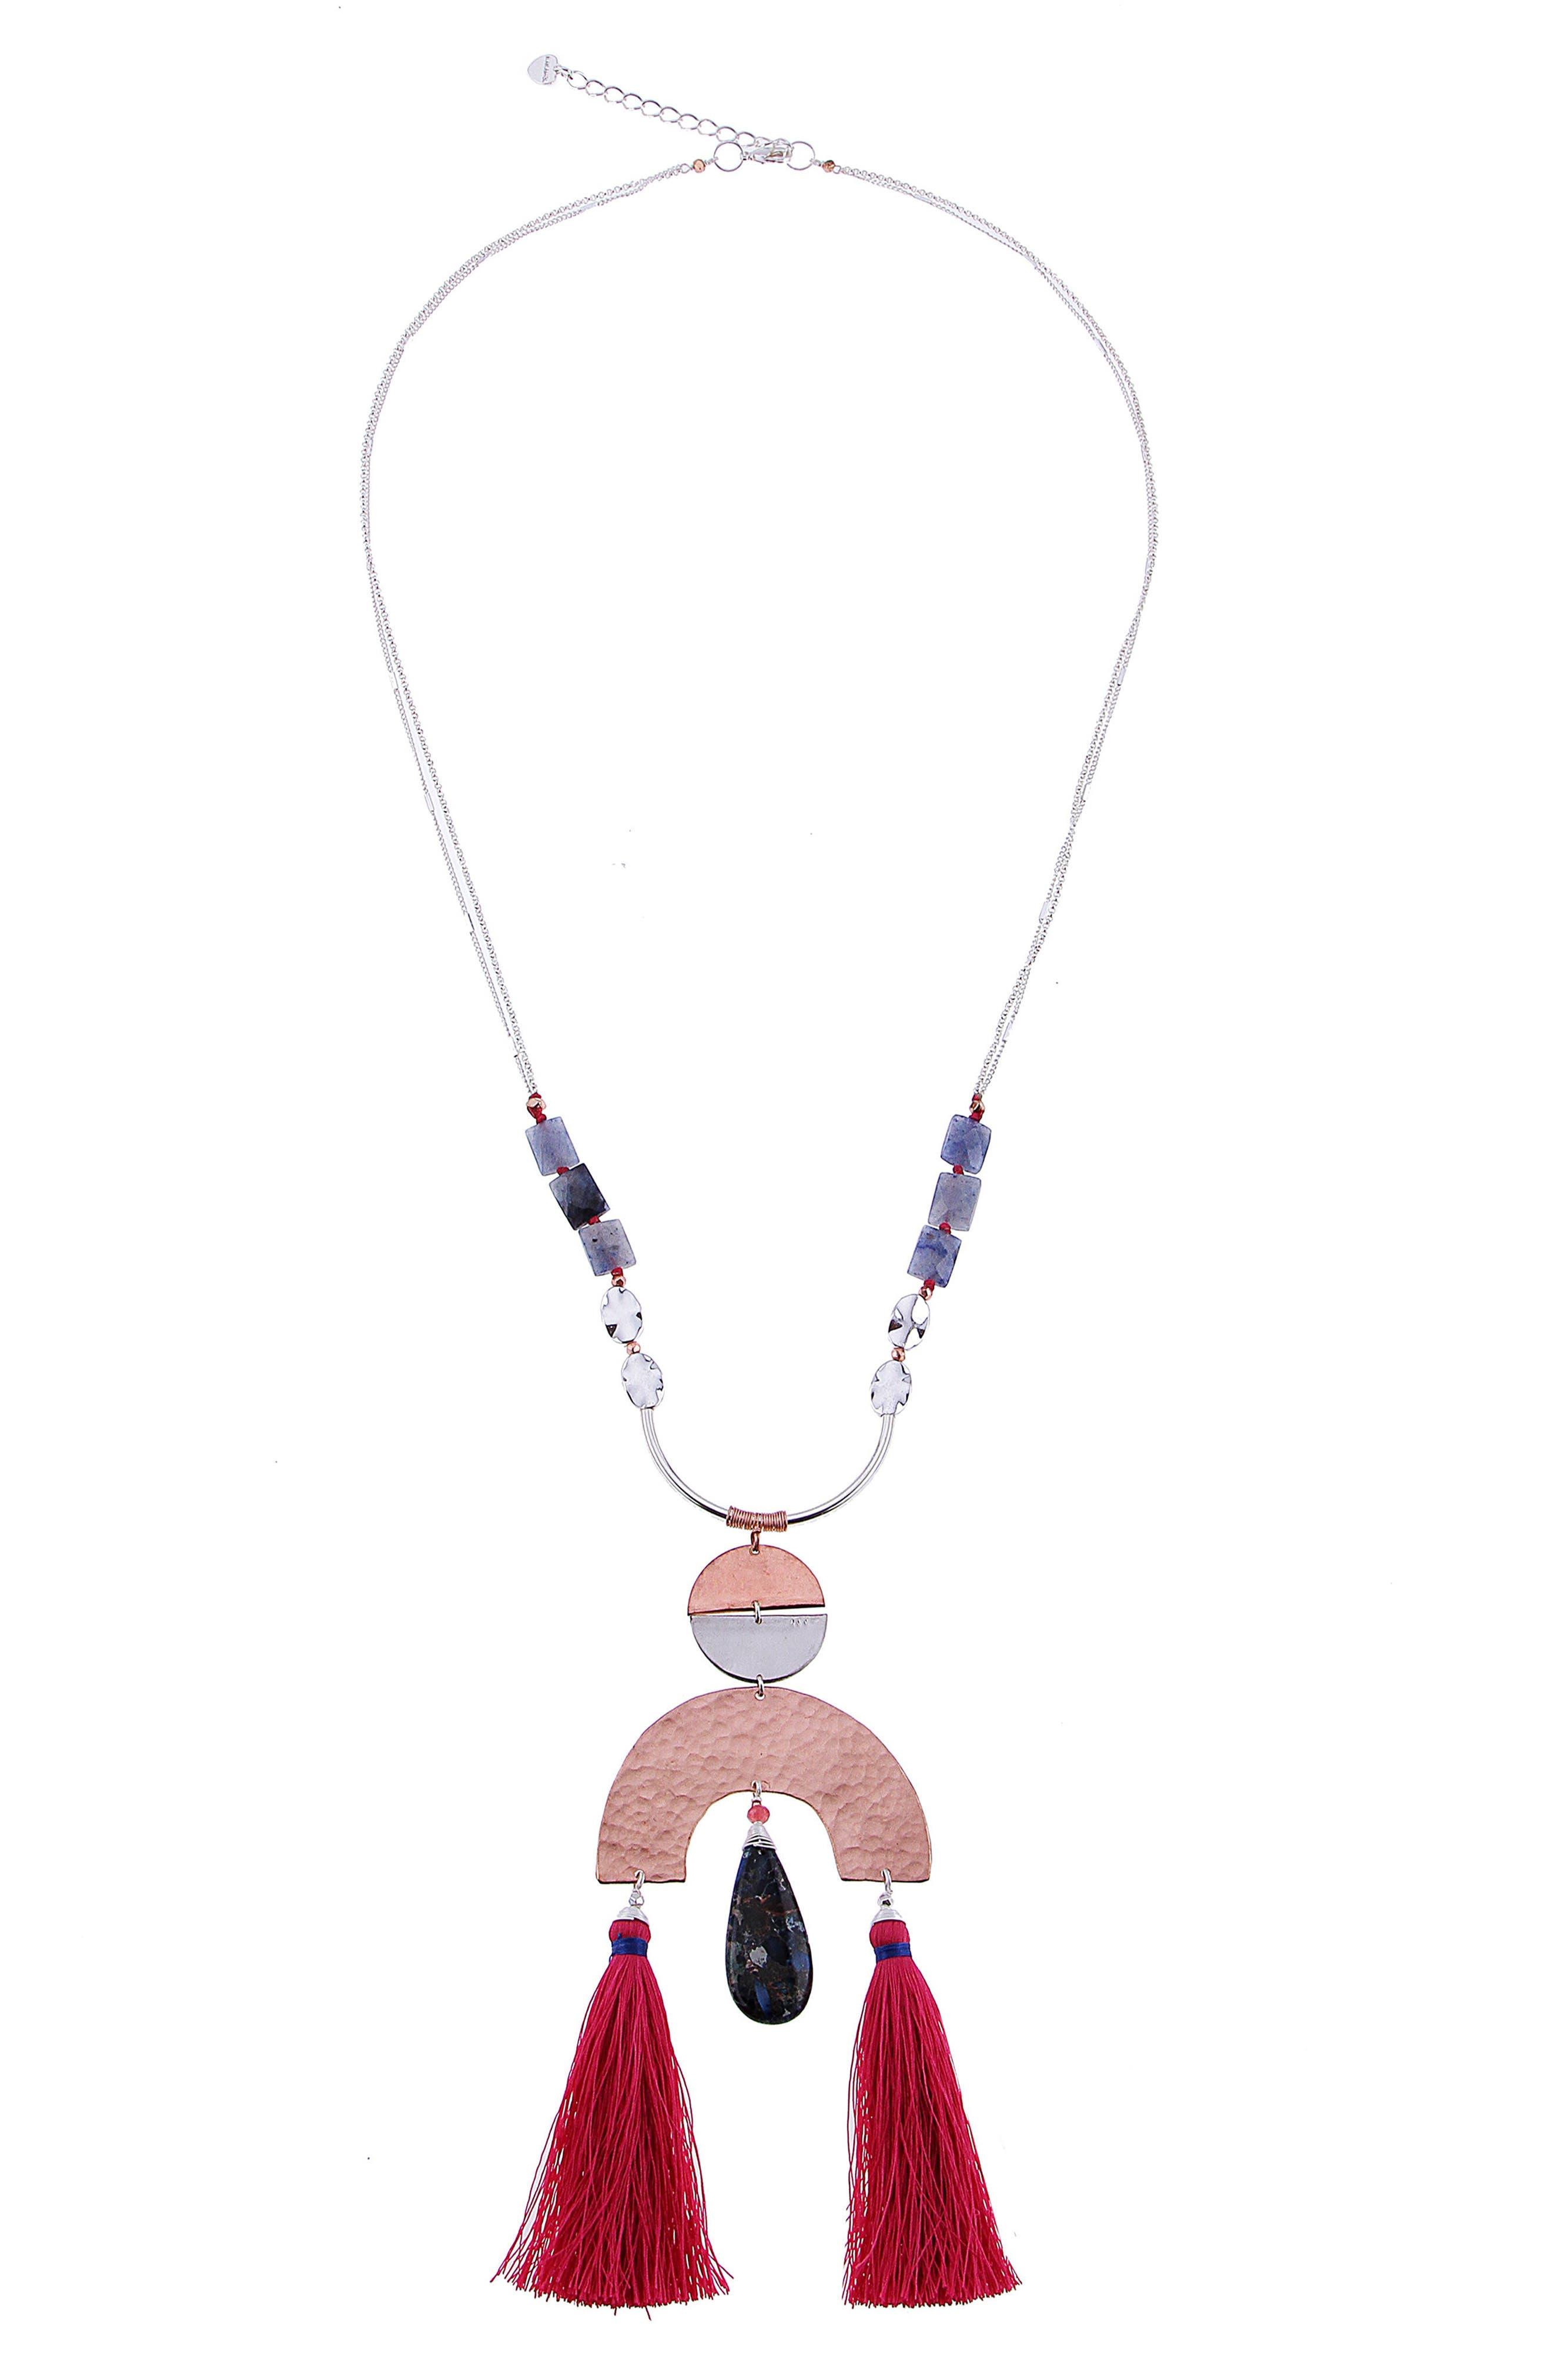 Double Tassel Agate Pendant Necklace,                         Main,                         color, Blue/ Pink